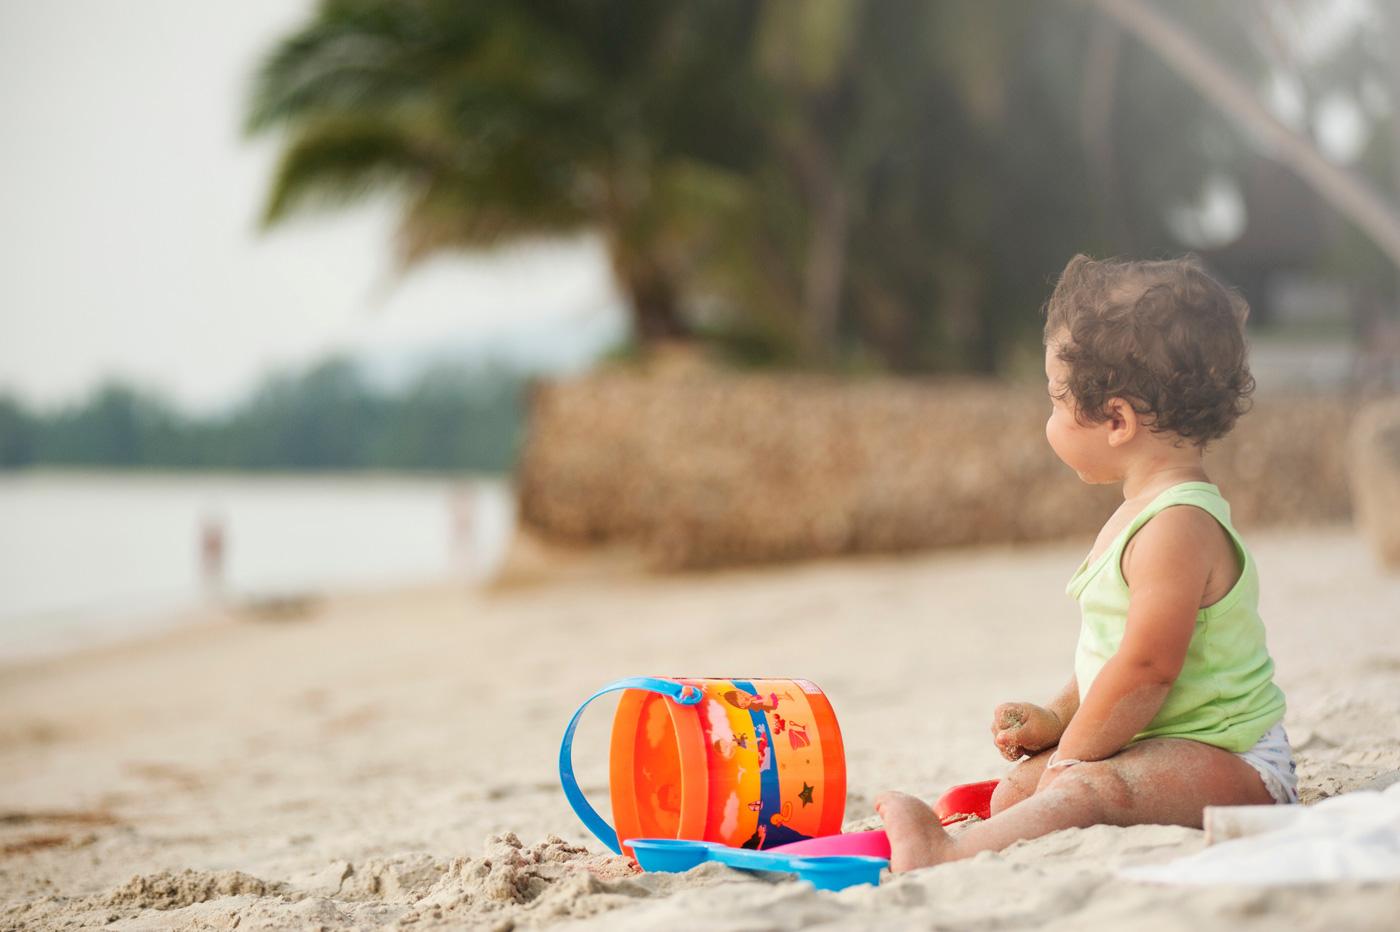 spiagge per bambini - bambino sulla sabbia